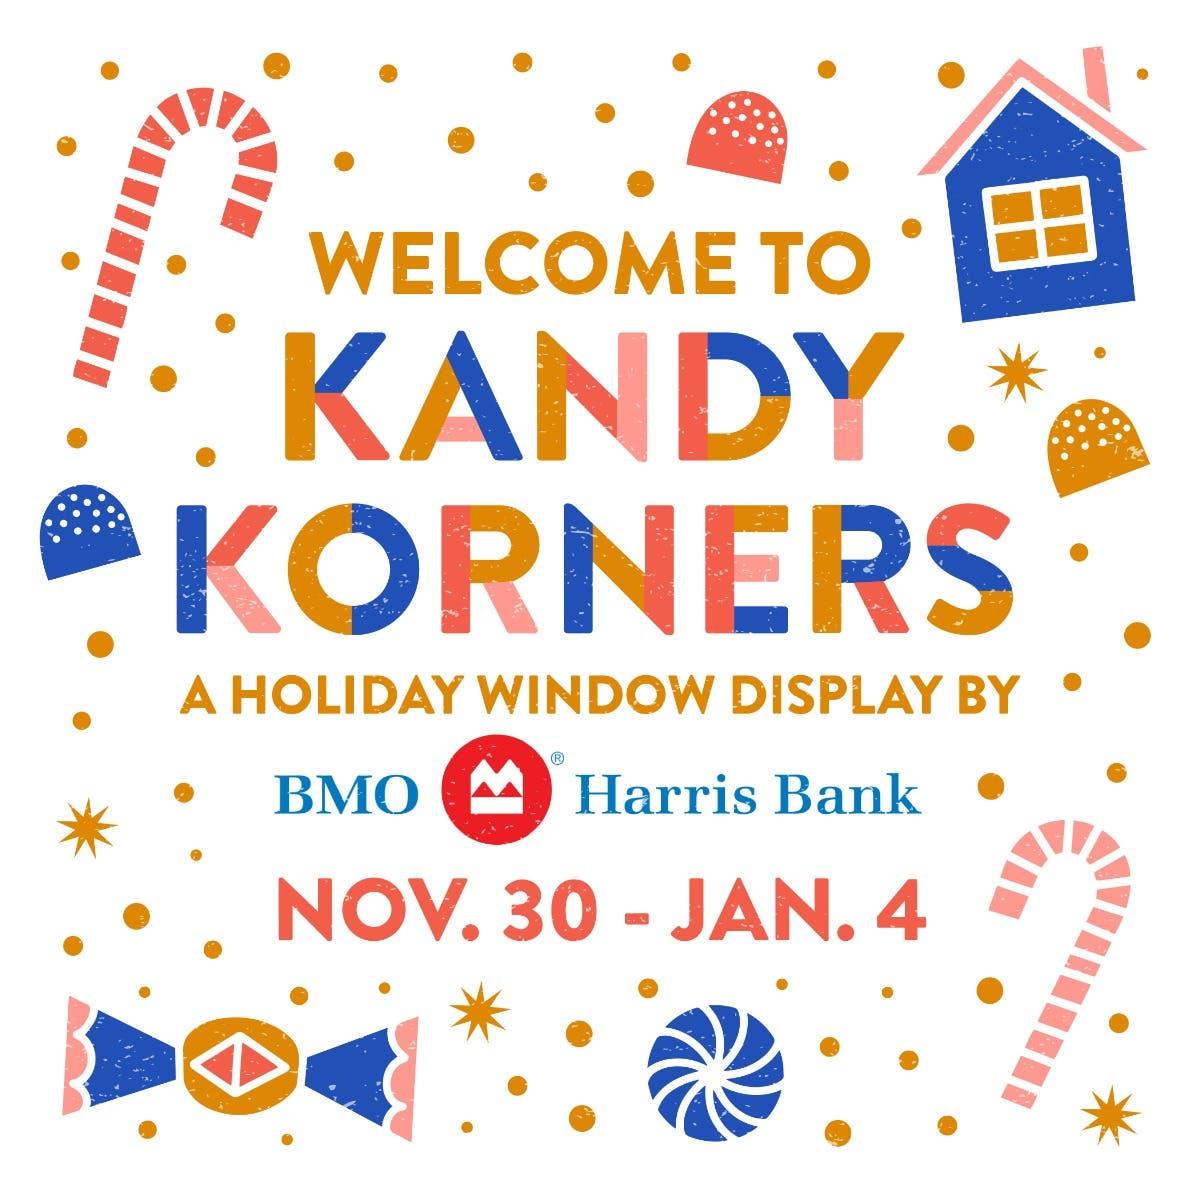 Bmo Harris Bank Christmas Display 2021 Nov 30 Bmo Harris Bank S 2020 Holiday Display Welcome To Kandy Korners Wauwatosa Wi Patch